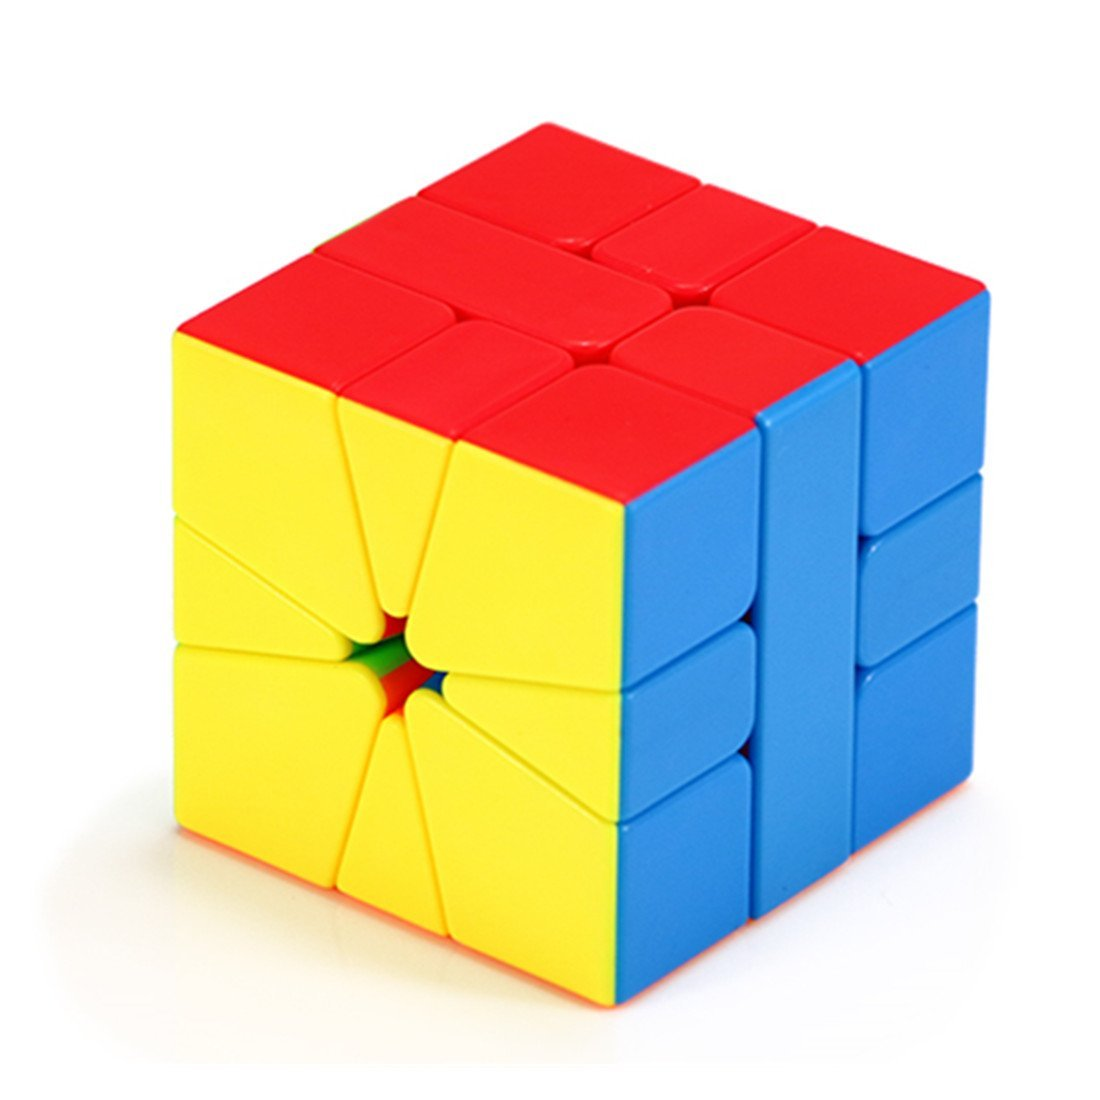 売れ筋商品 cuberspeed mofang mofang jiaoshiスクエア1キューブスピードCubing教室sq-1 Stickerlessマジックキューブ cuberspeed B076FWQ82T, エコペイント:b5d547d3 --- a0267596.xsph.ru